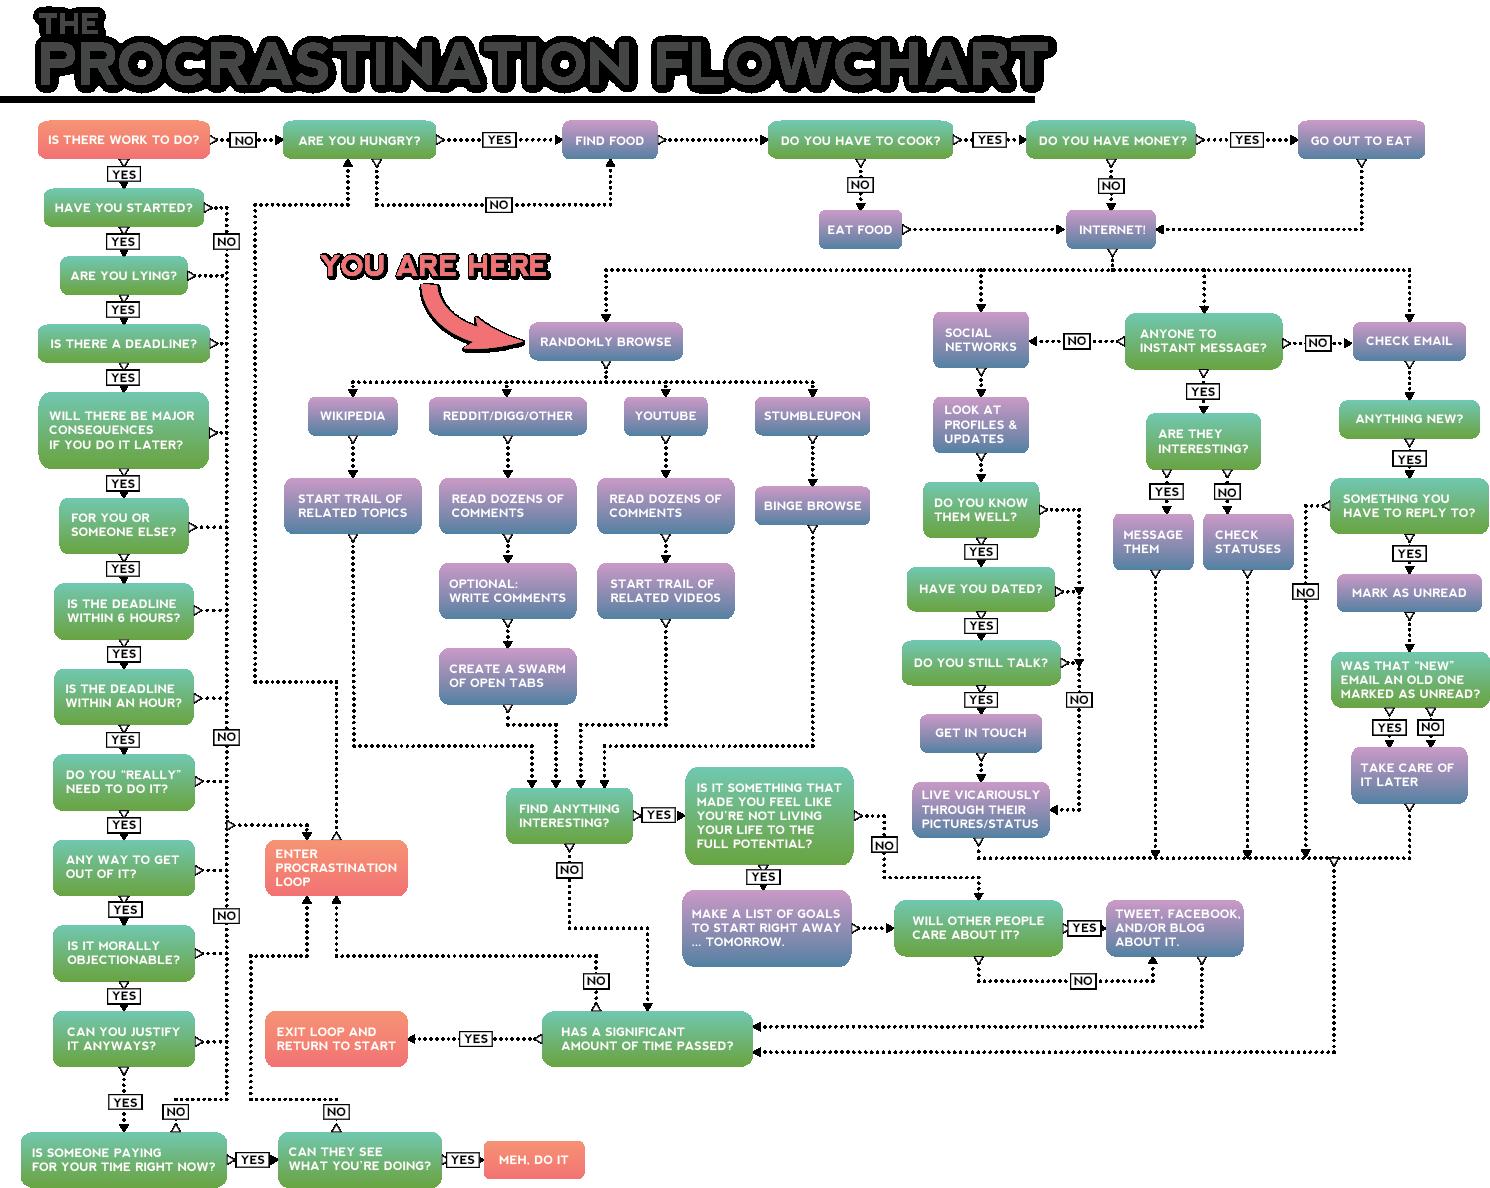 Xkcd Flowchart Tech Support